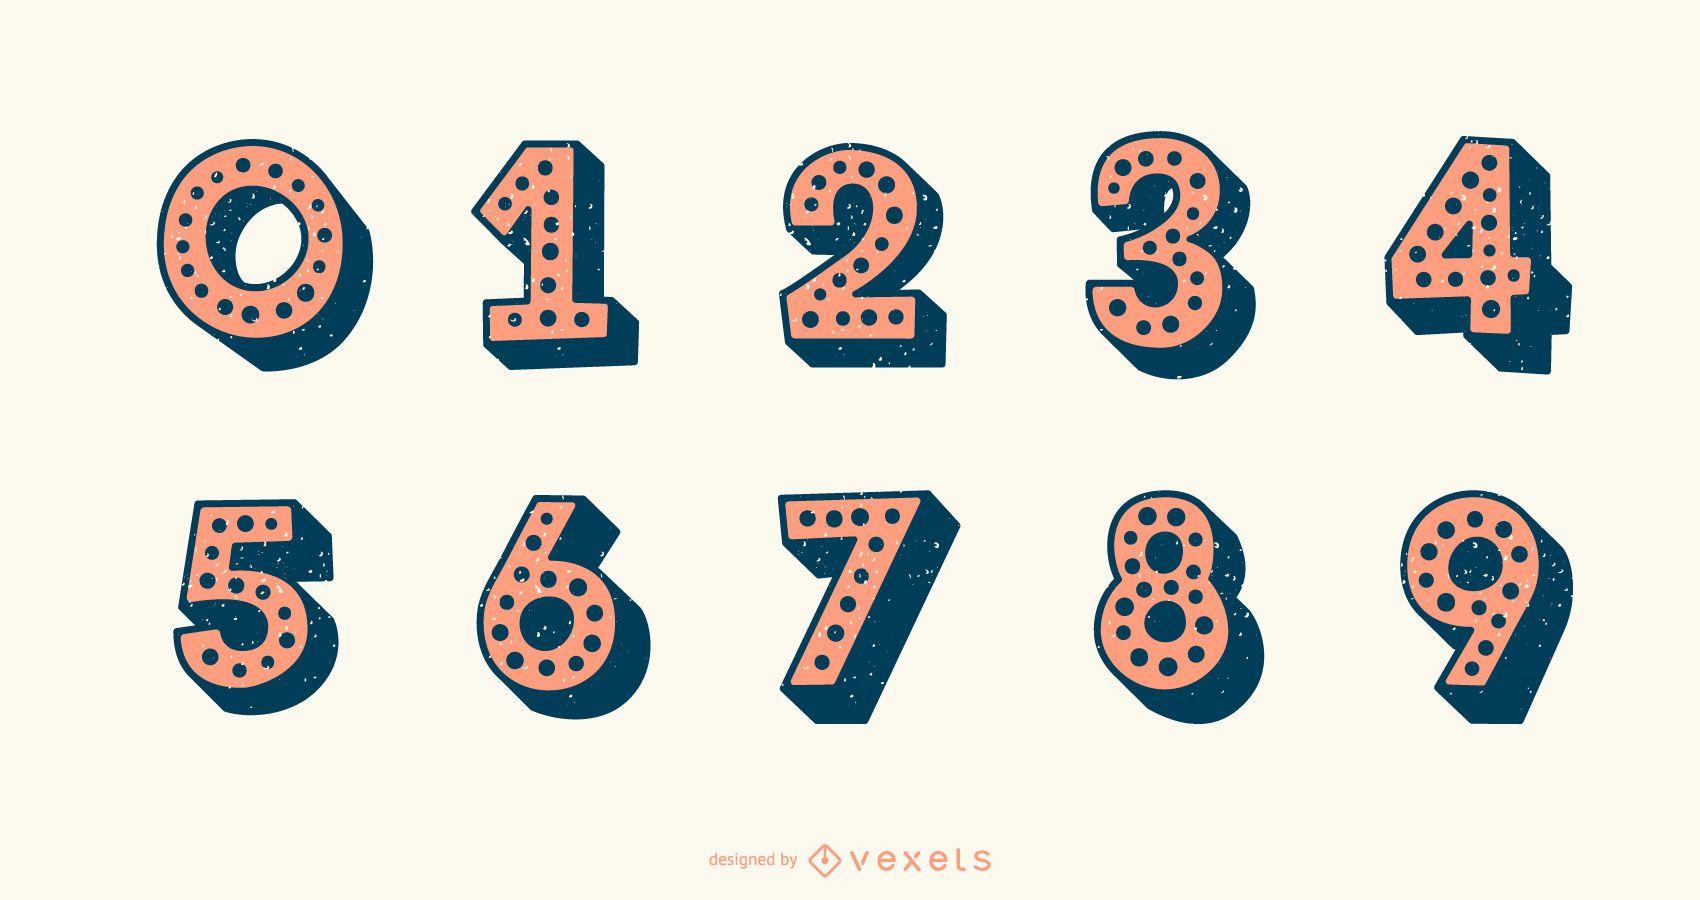 Conjunto de vectores de números de alfabeto punteado 3D